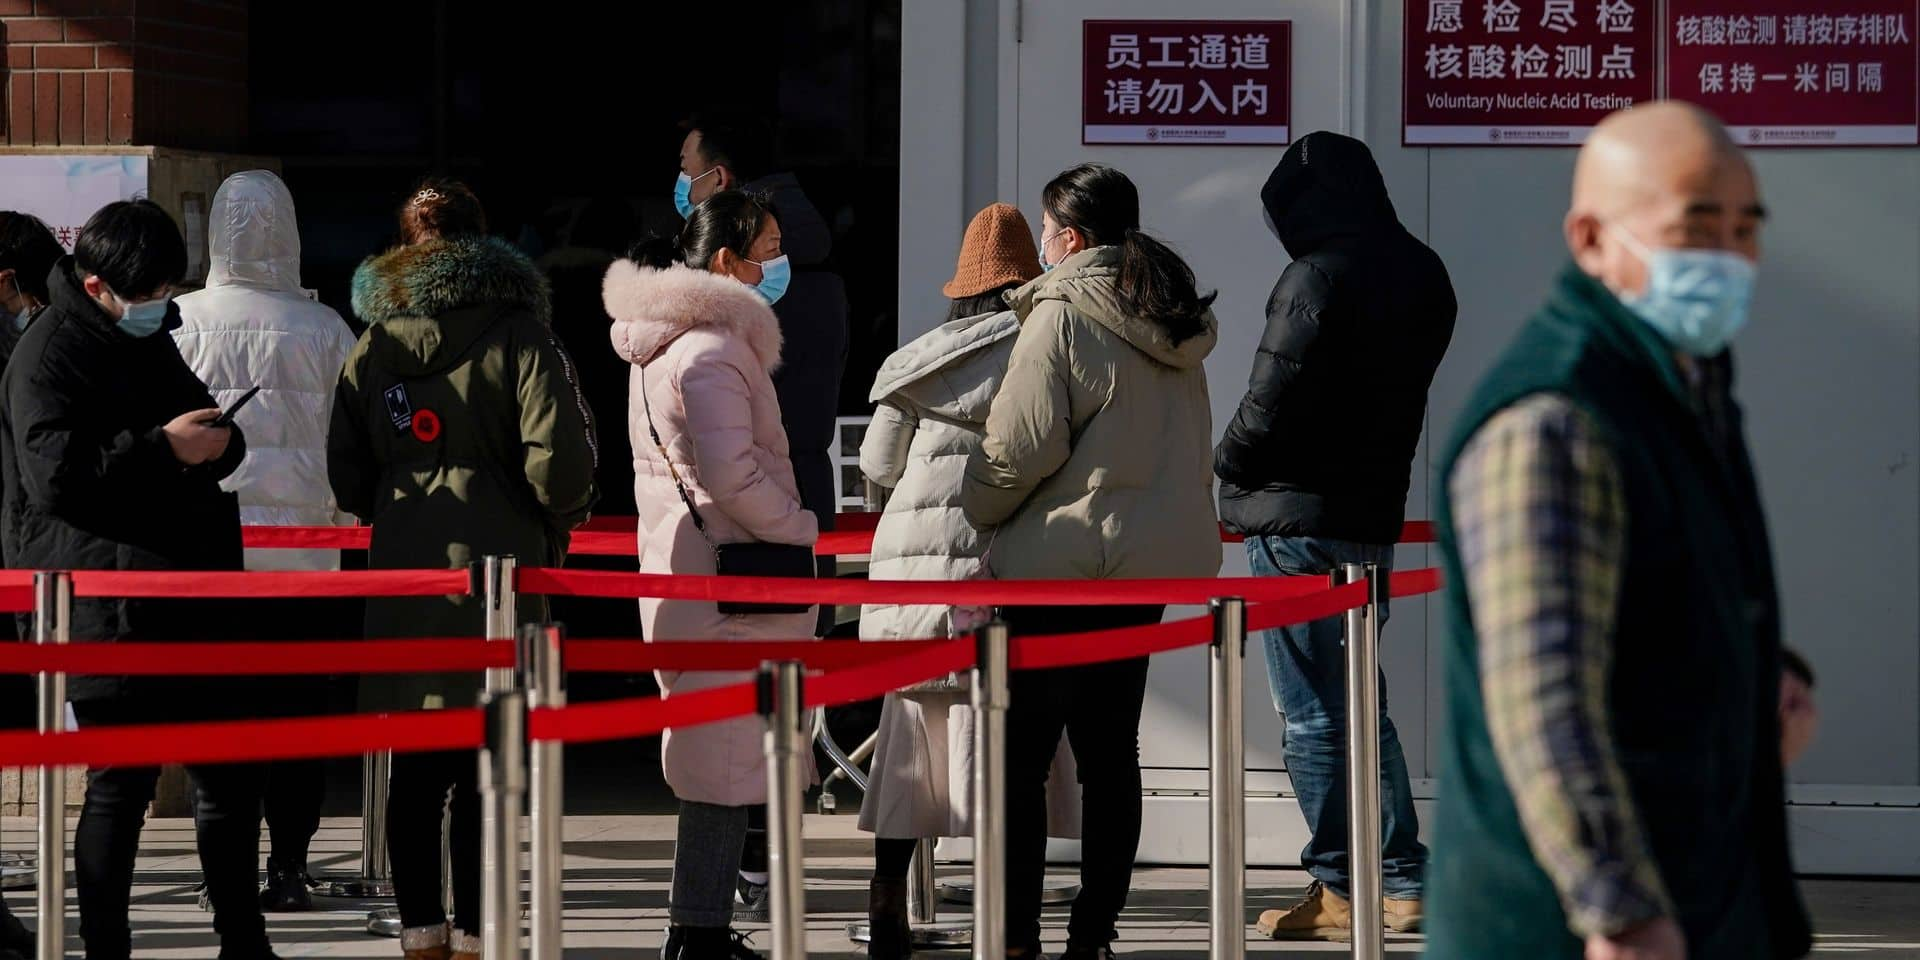 """La Chine et l'OMS auraient pu agir plus vite sur l'épidémie: le virus a bénéficié d'une """"épidémie en grande partie cachée"""""""